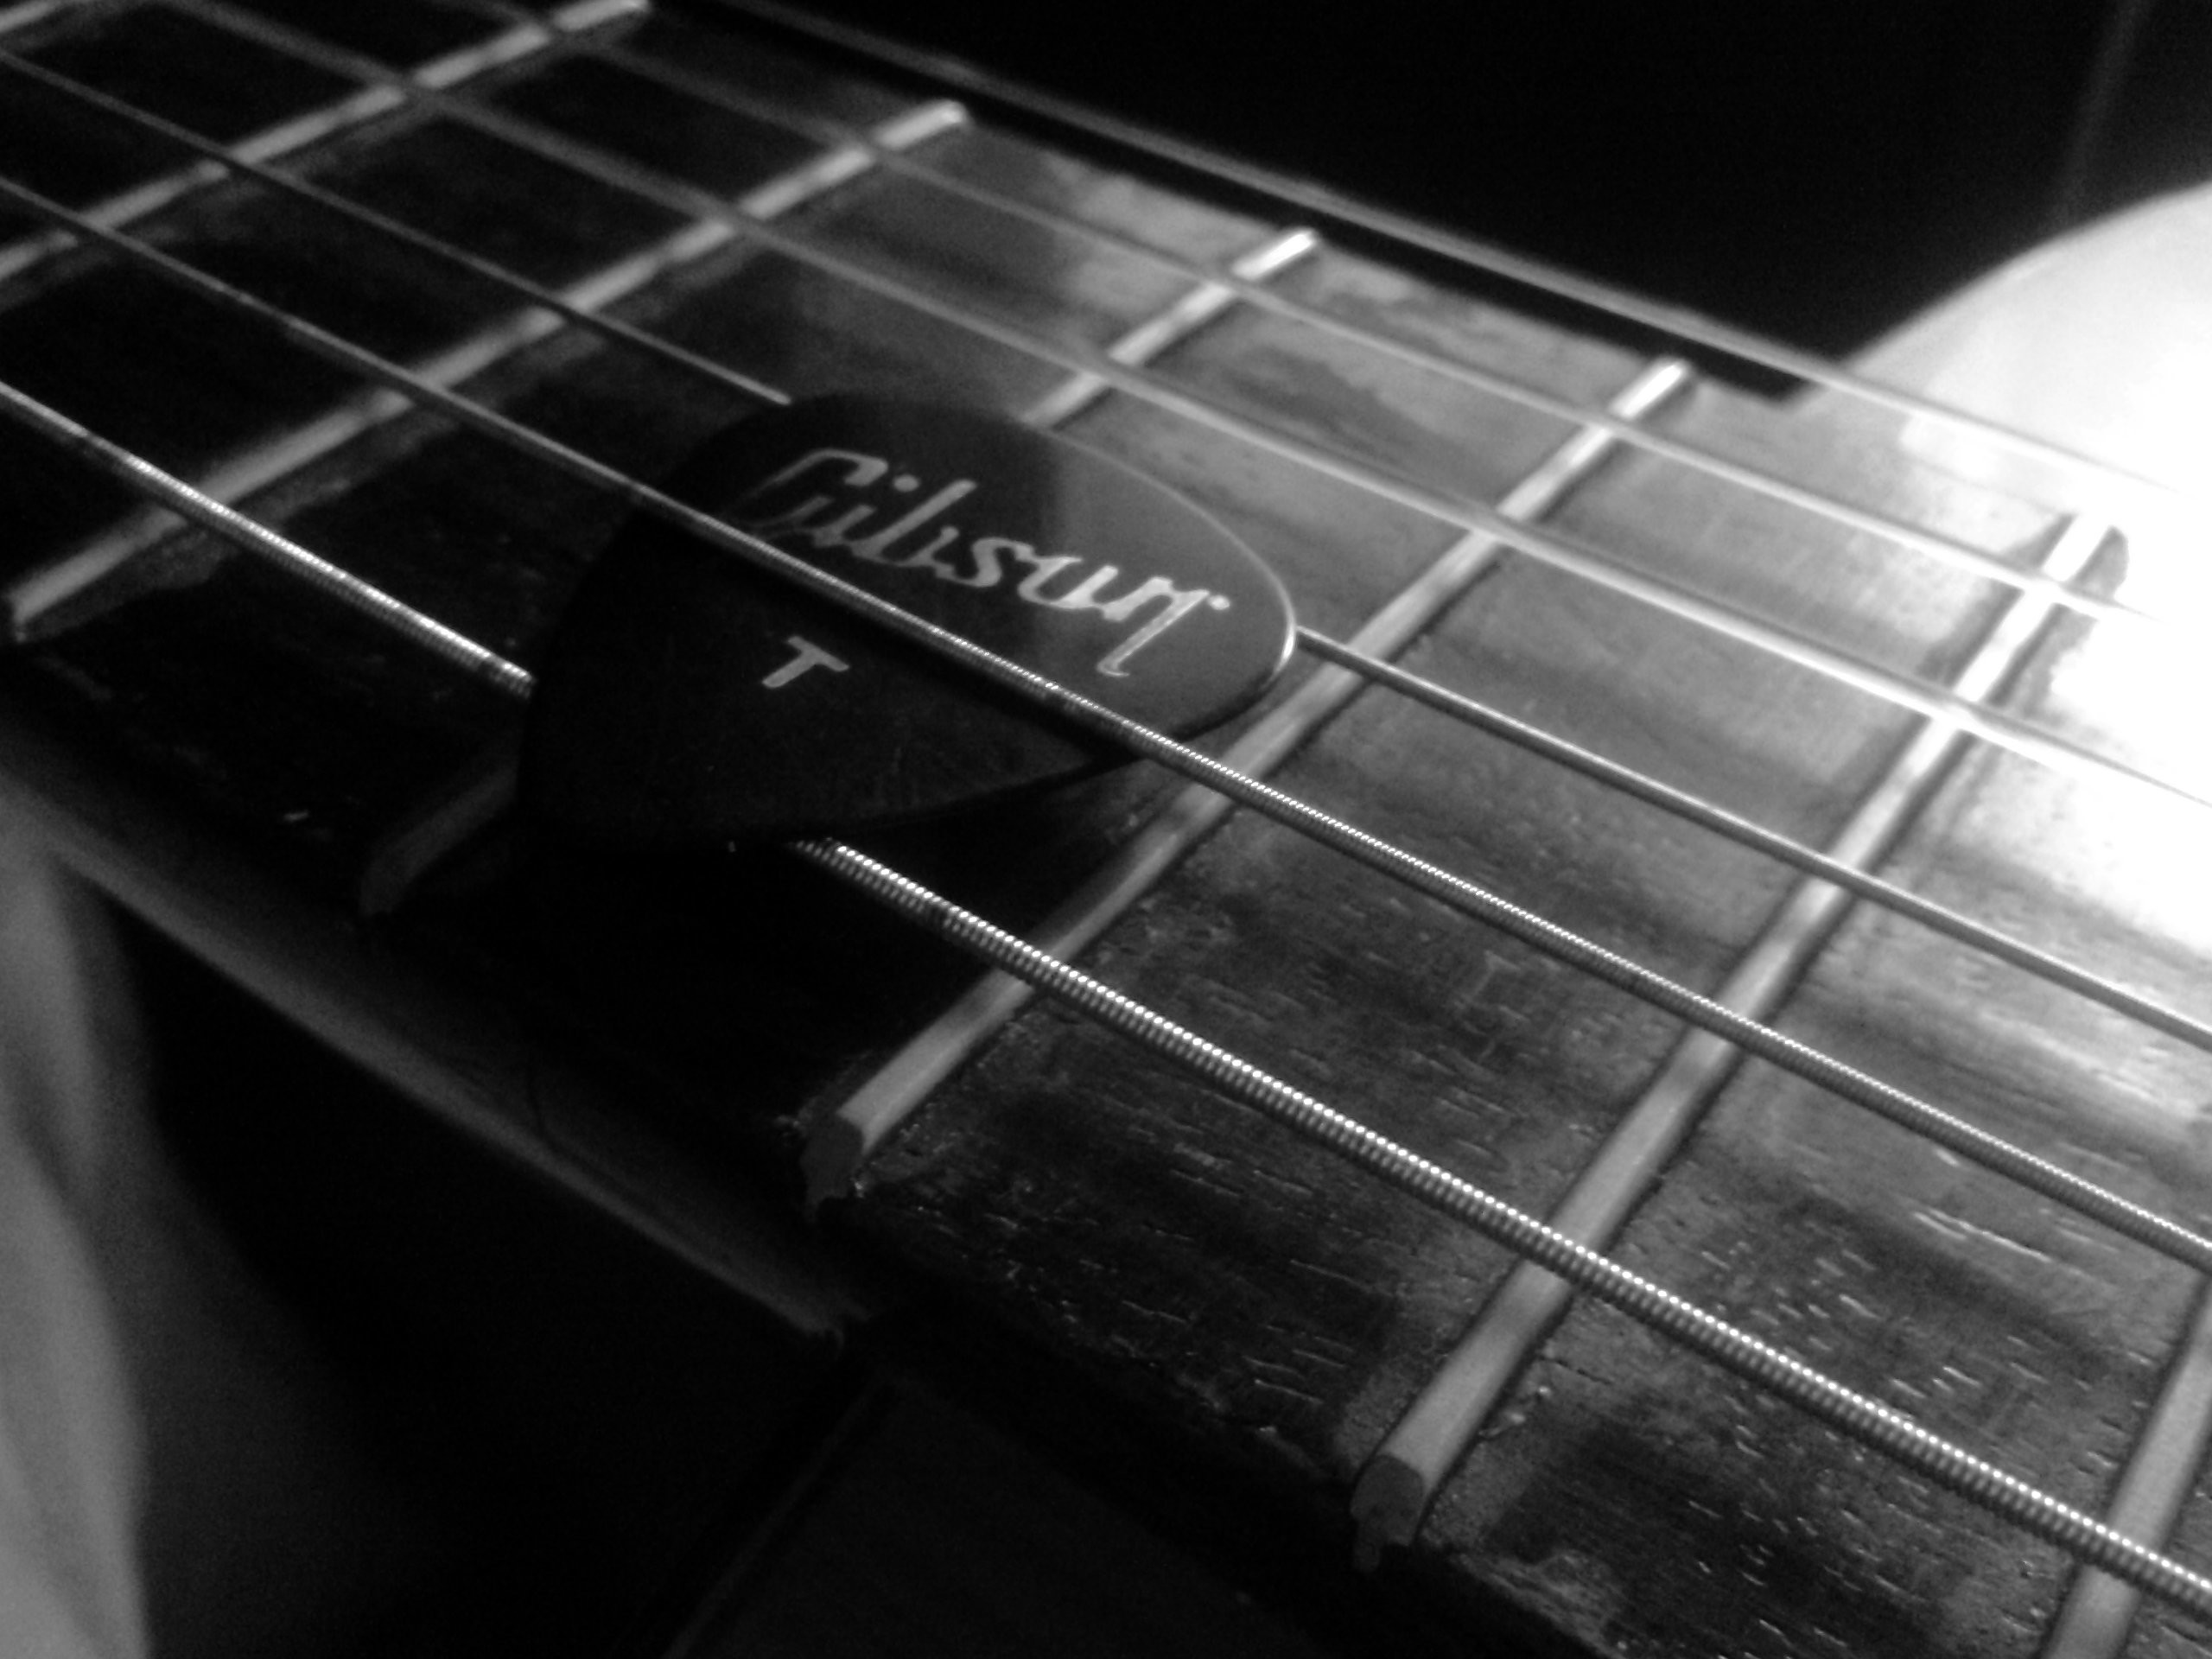 Music gibson guitars wallpaper